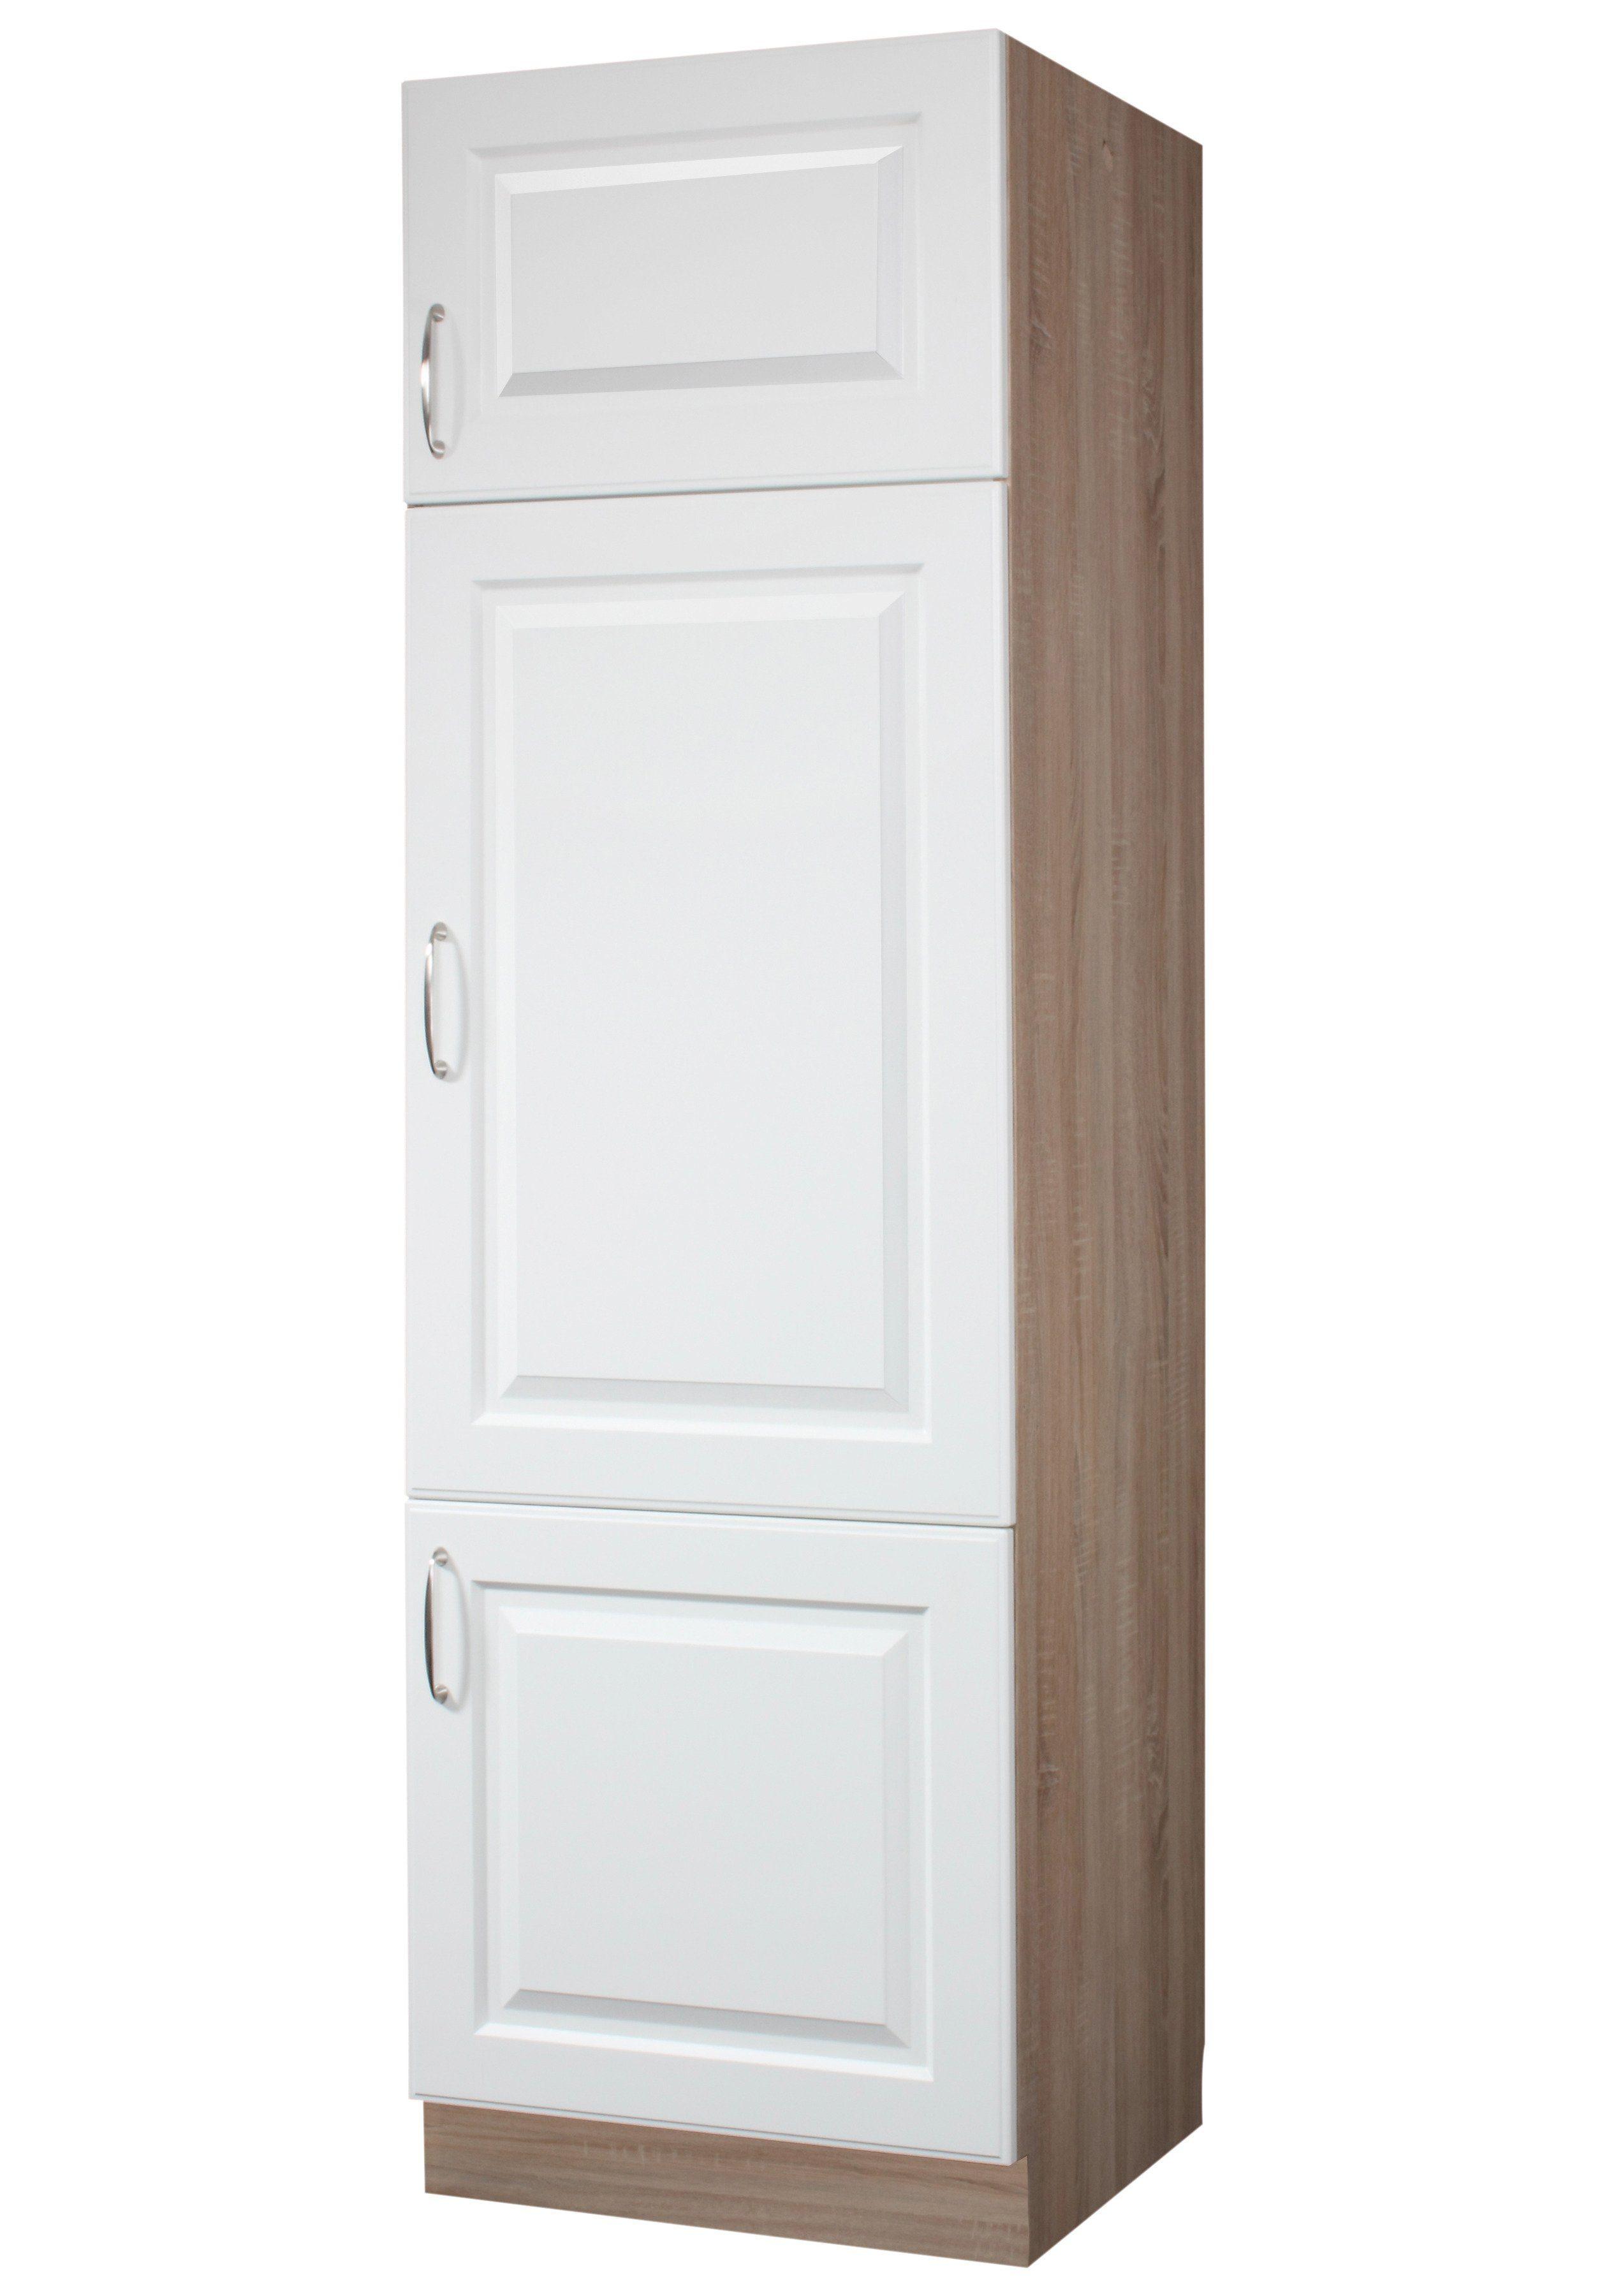 Kühlumbauschrank »Tilda«, B/T/H: 60/60/200 cm